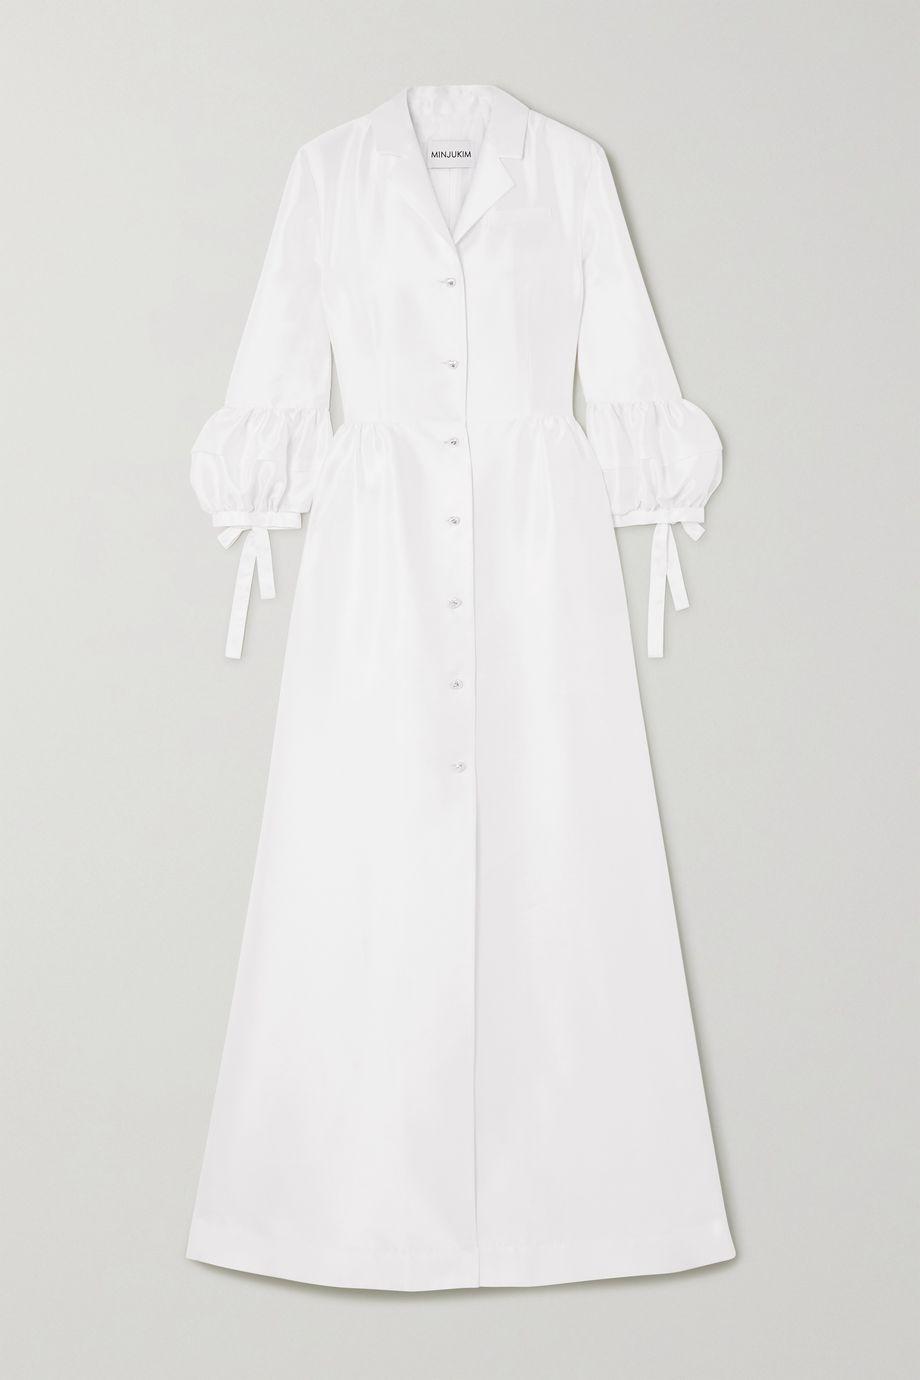 MINJUKIM Duchesse-satin maxi dress